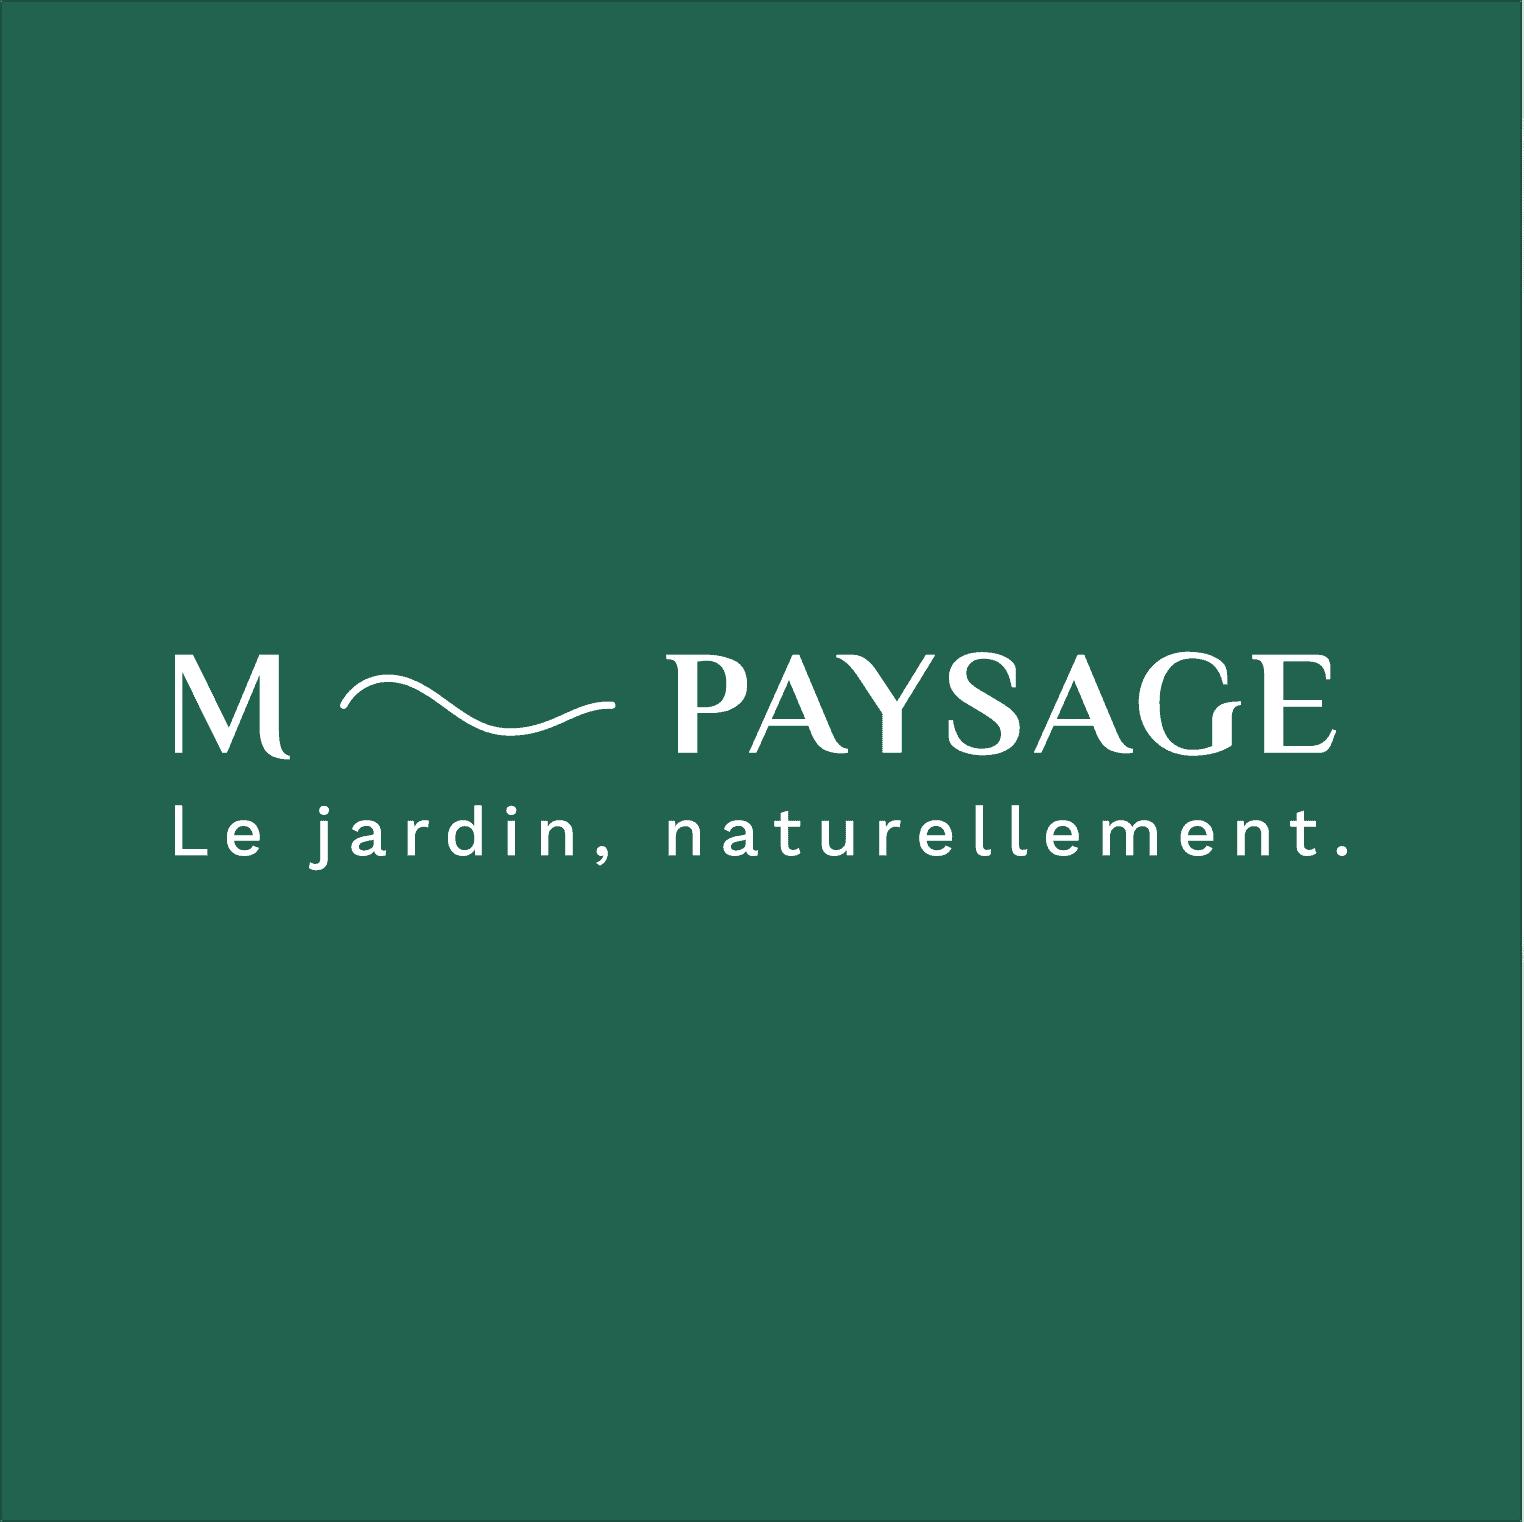 Logo M PAYSAGE